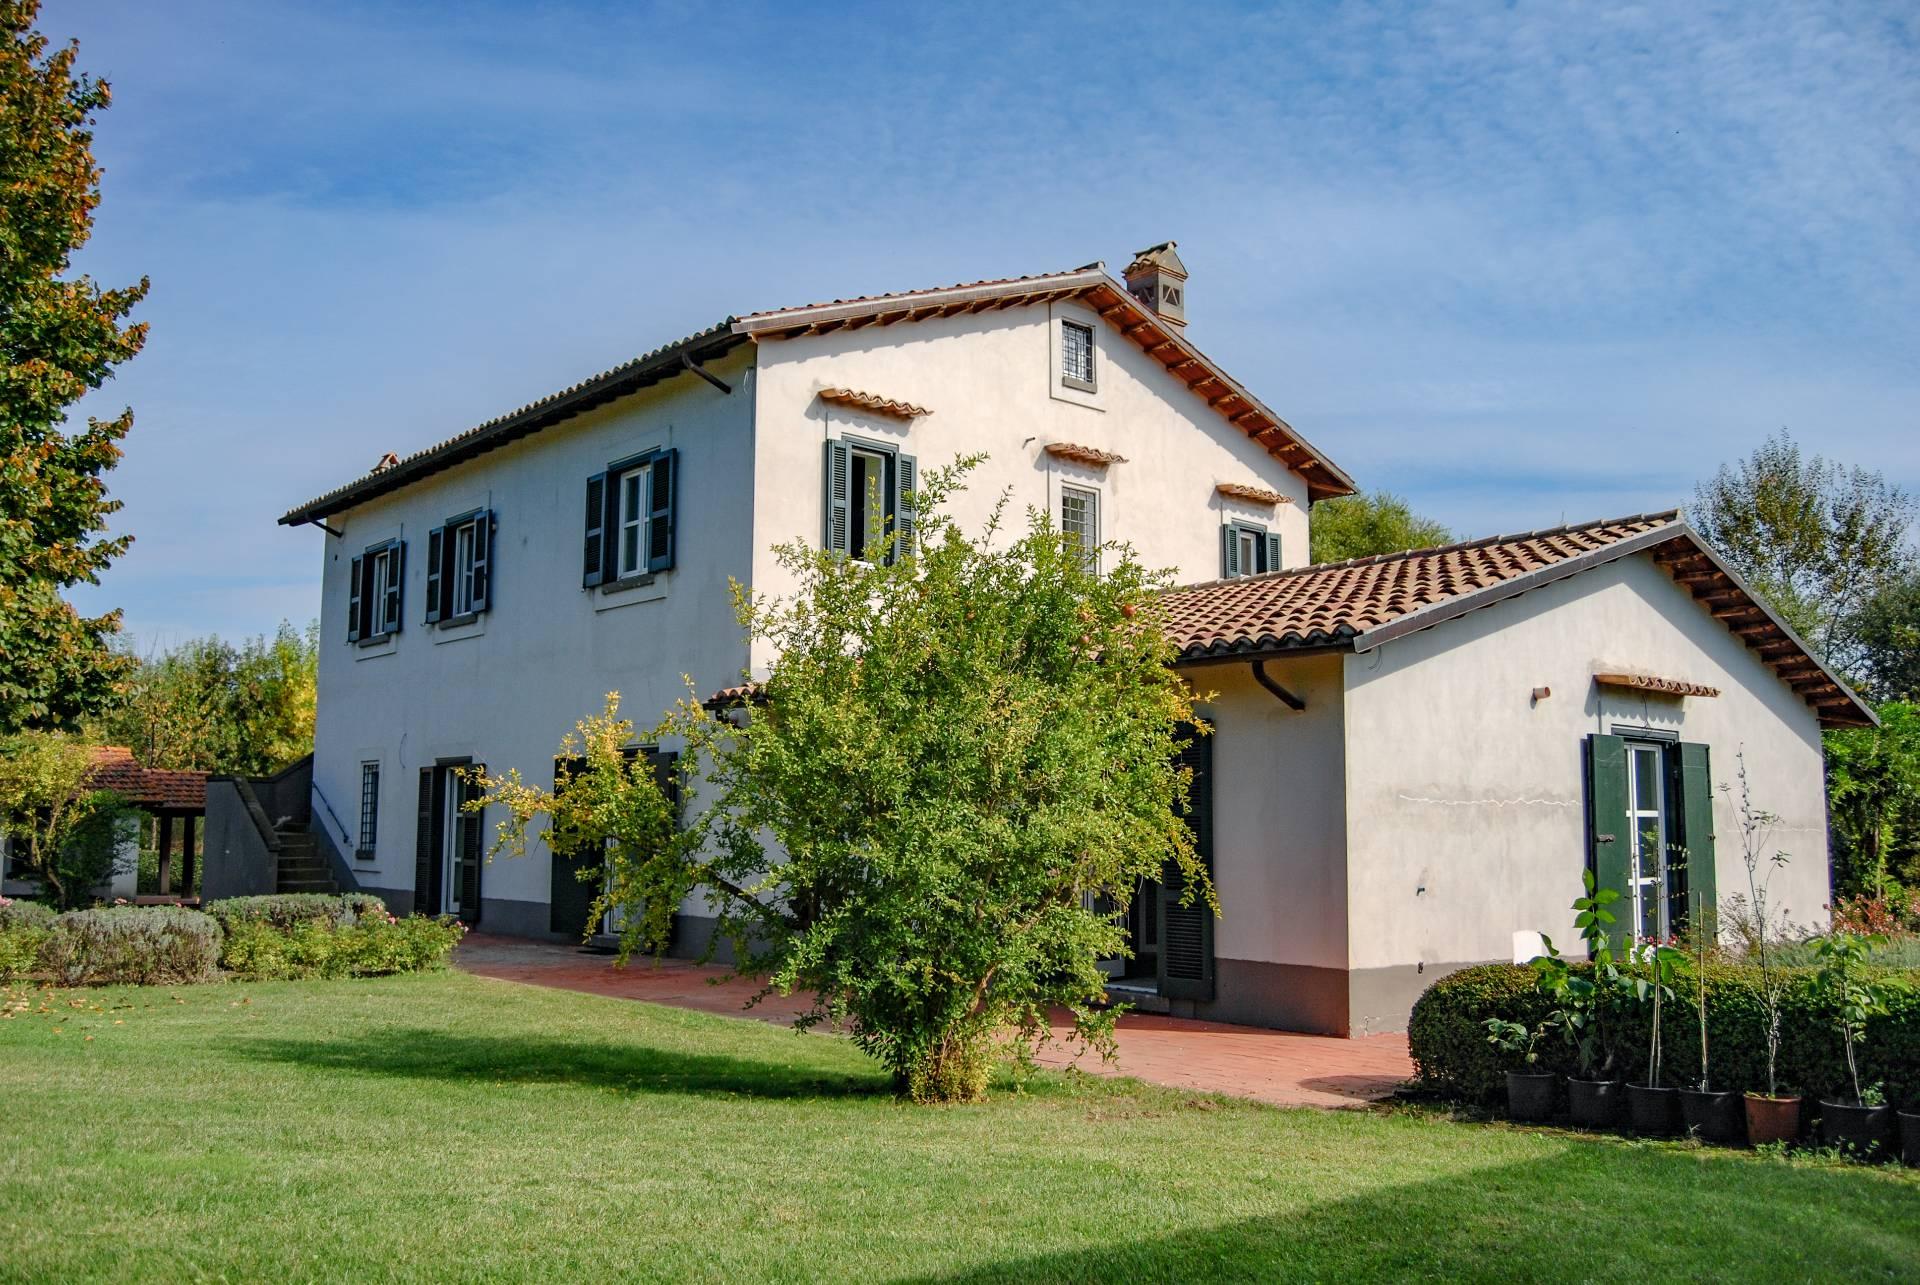 Rustico / Casale in vendita a Vitorchiano, 20 locali, zona Località: Vitorchiano, prezzo € 1.300.000 | CambioCasa.it